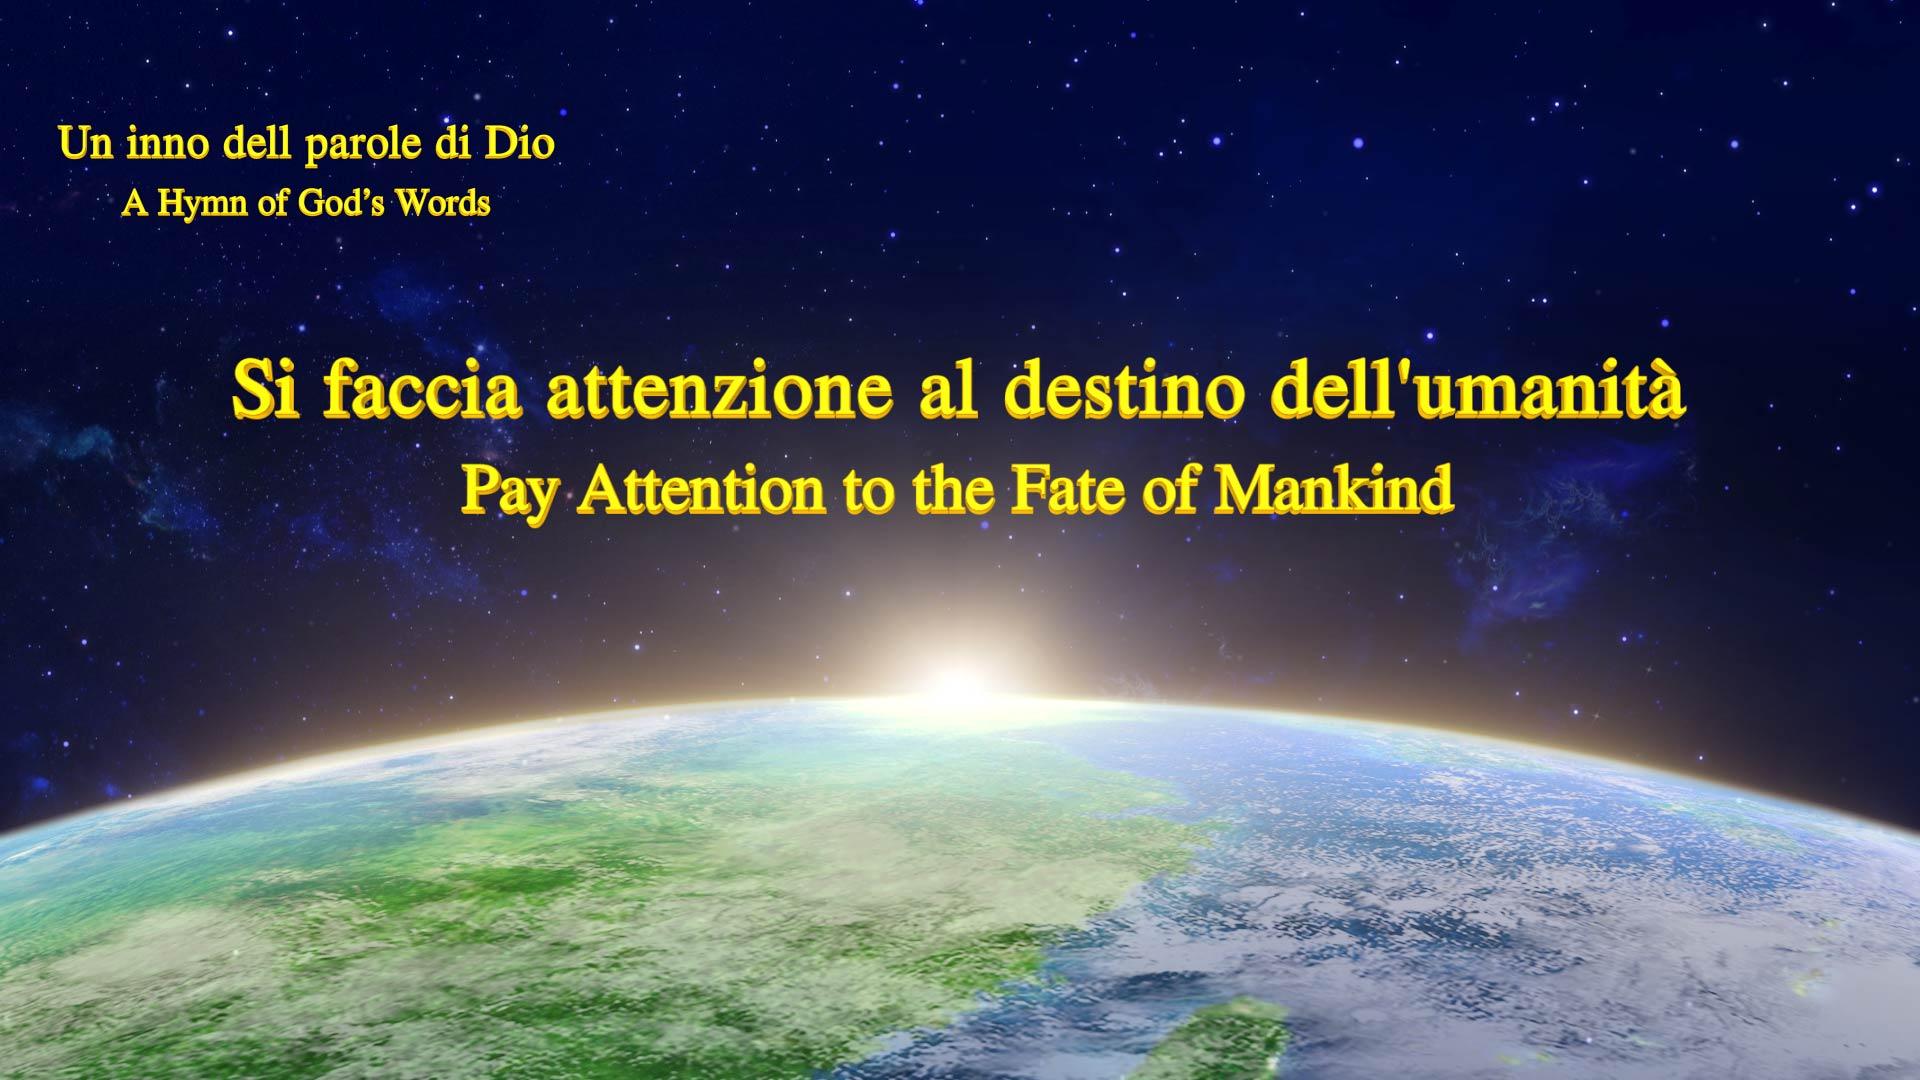 Si faccia attenzione al destino della umanità